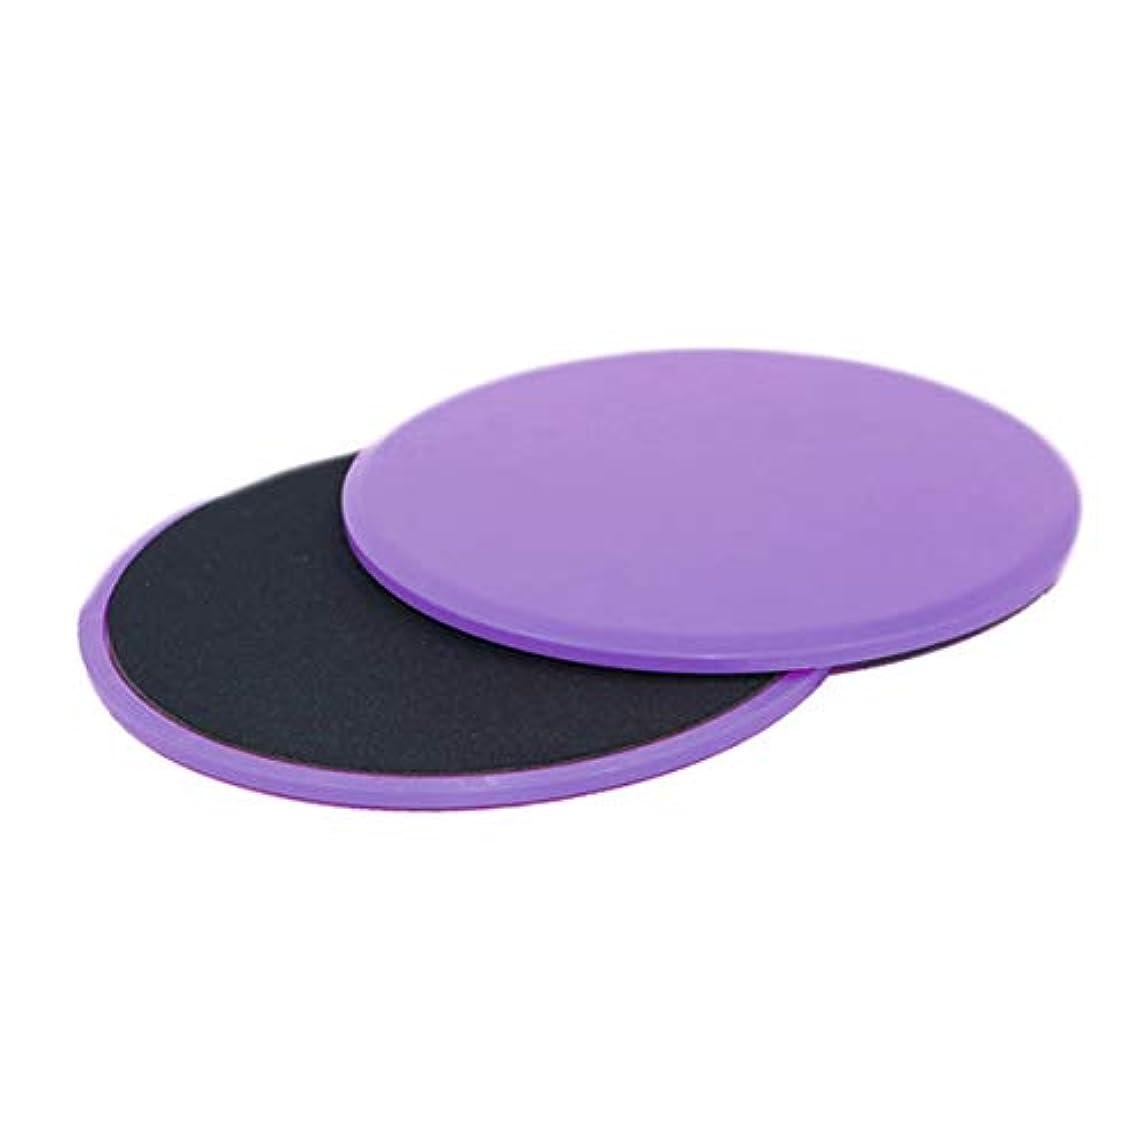 石灰岩聖職者警戒フィットネススライドグライディングディスク調整能力フィットネスエクササイズスライダーコアトレーニング腹部と全身トレーニング - パープル